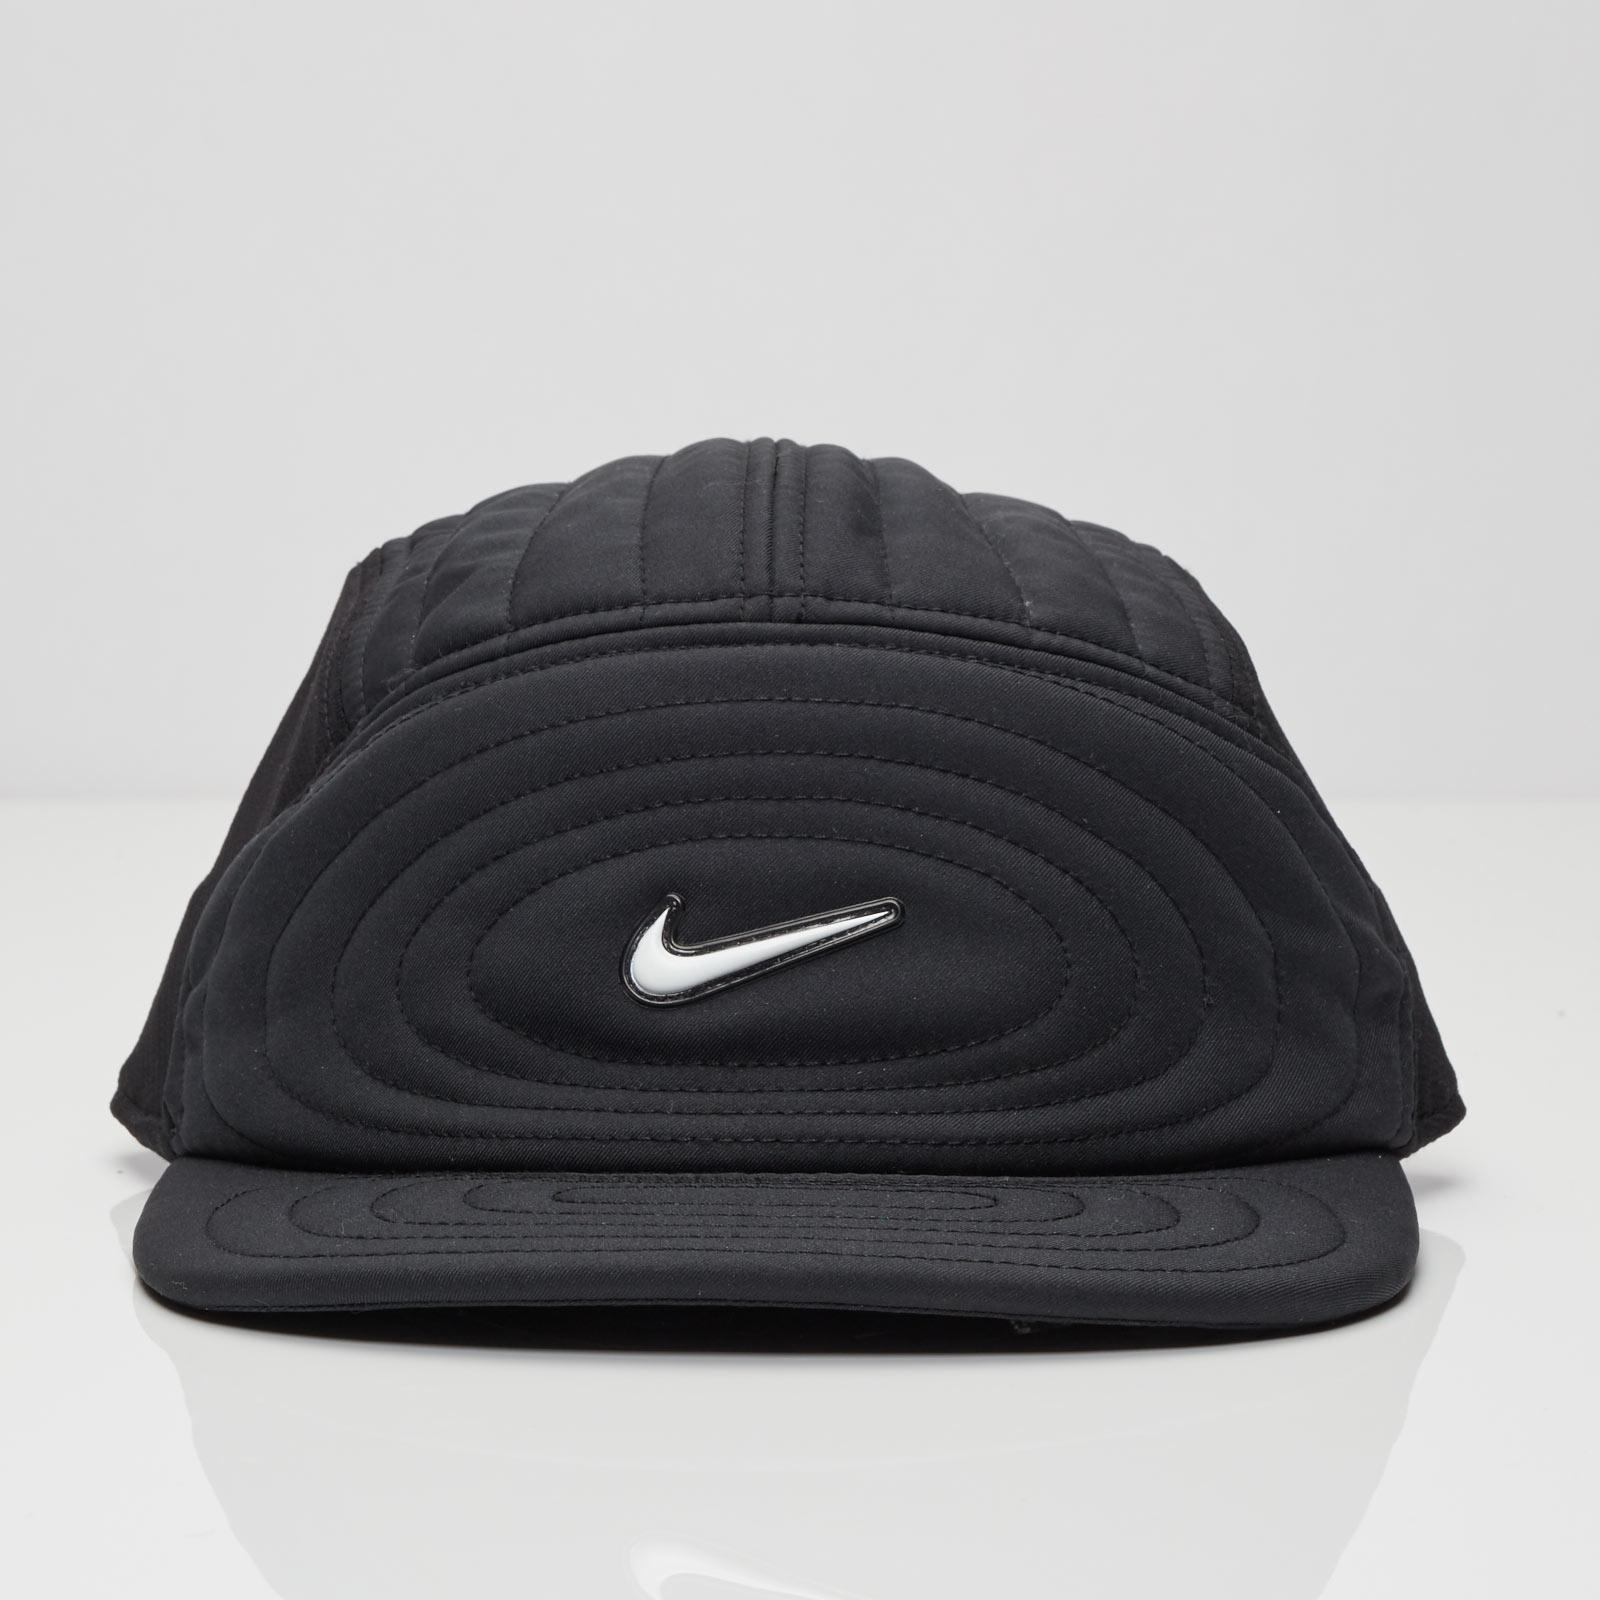 fe1fc2da870cc0 Nike S+ Cush AW84 Cap - 803723-010 - Sneakersnstuff   sneakers & streetwear  online since 1999